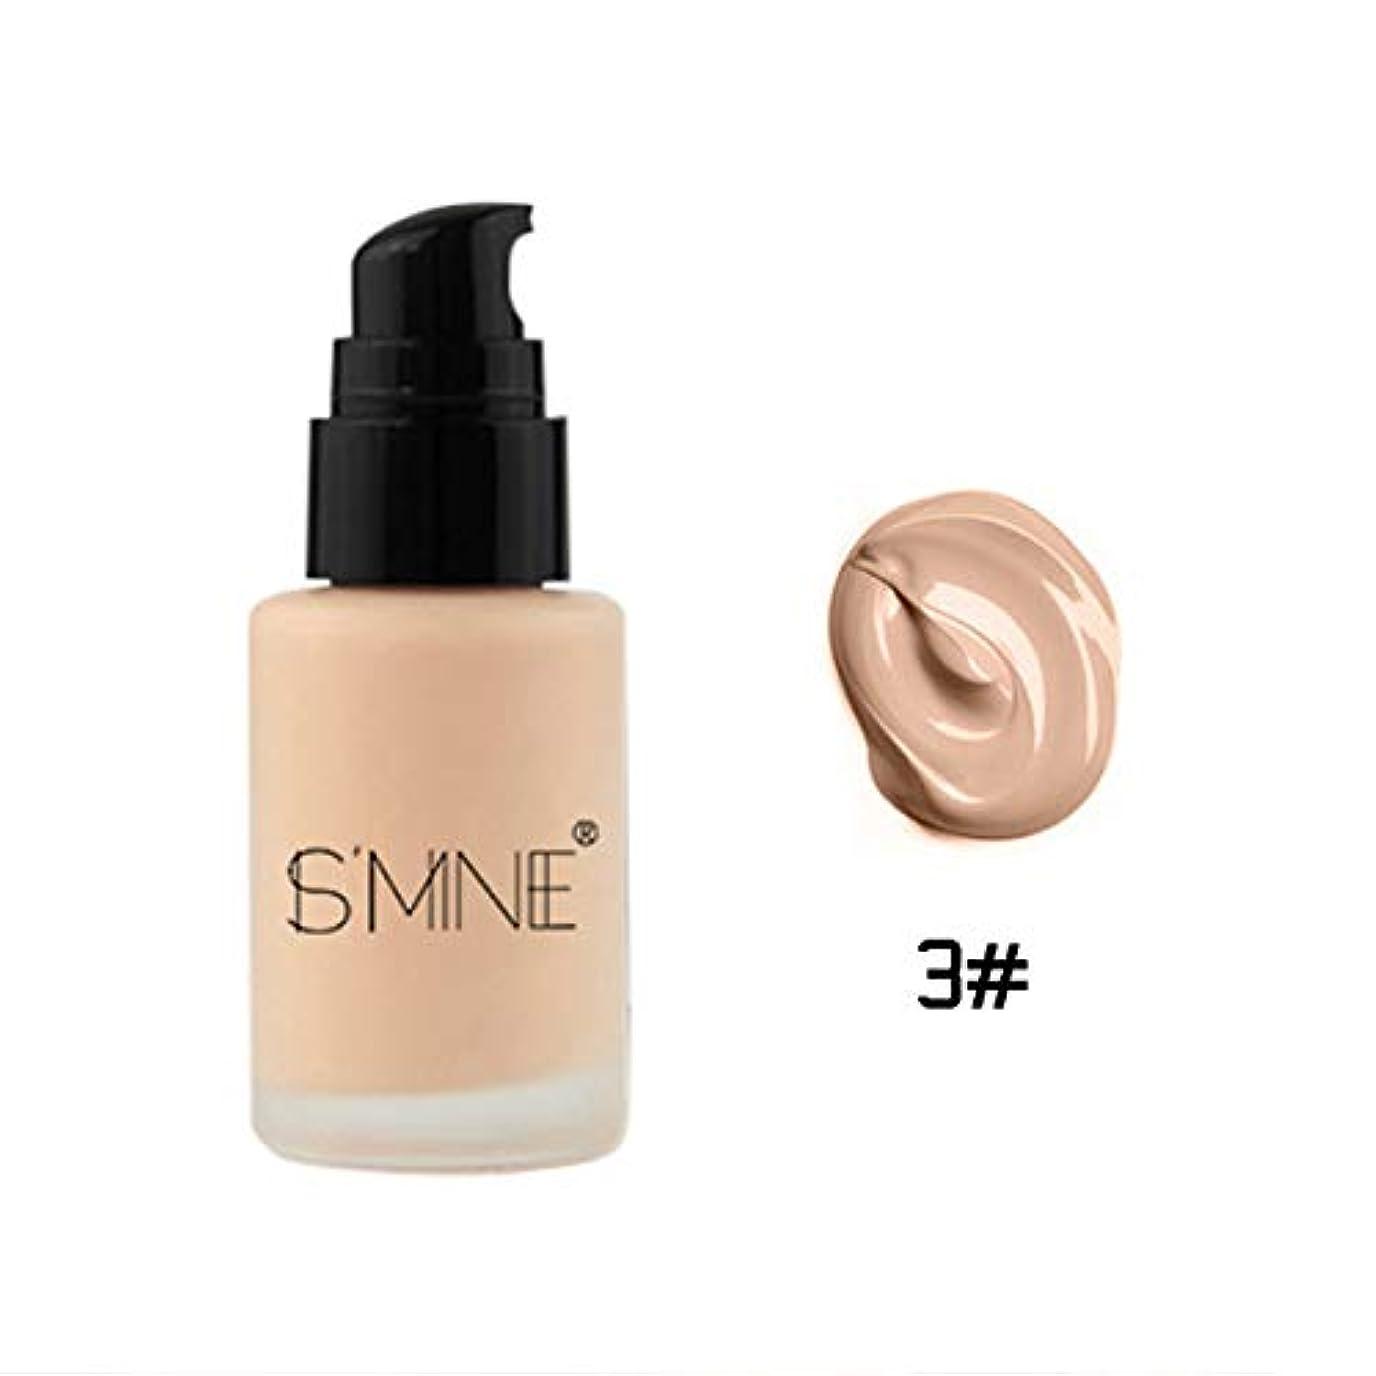 中にワット花嫁Symboat BBクリーム 女性 フェイスコンシーラー 美白 保湿 防水 ロングラスティングメイクアップ 健康的な自然な肌色 素肌感 化粧品